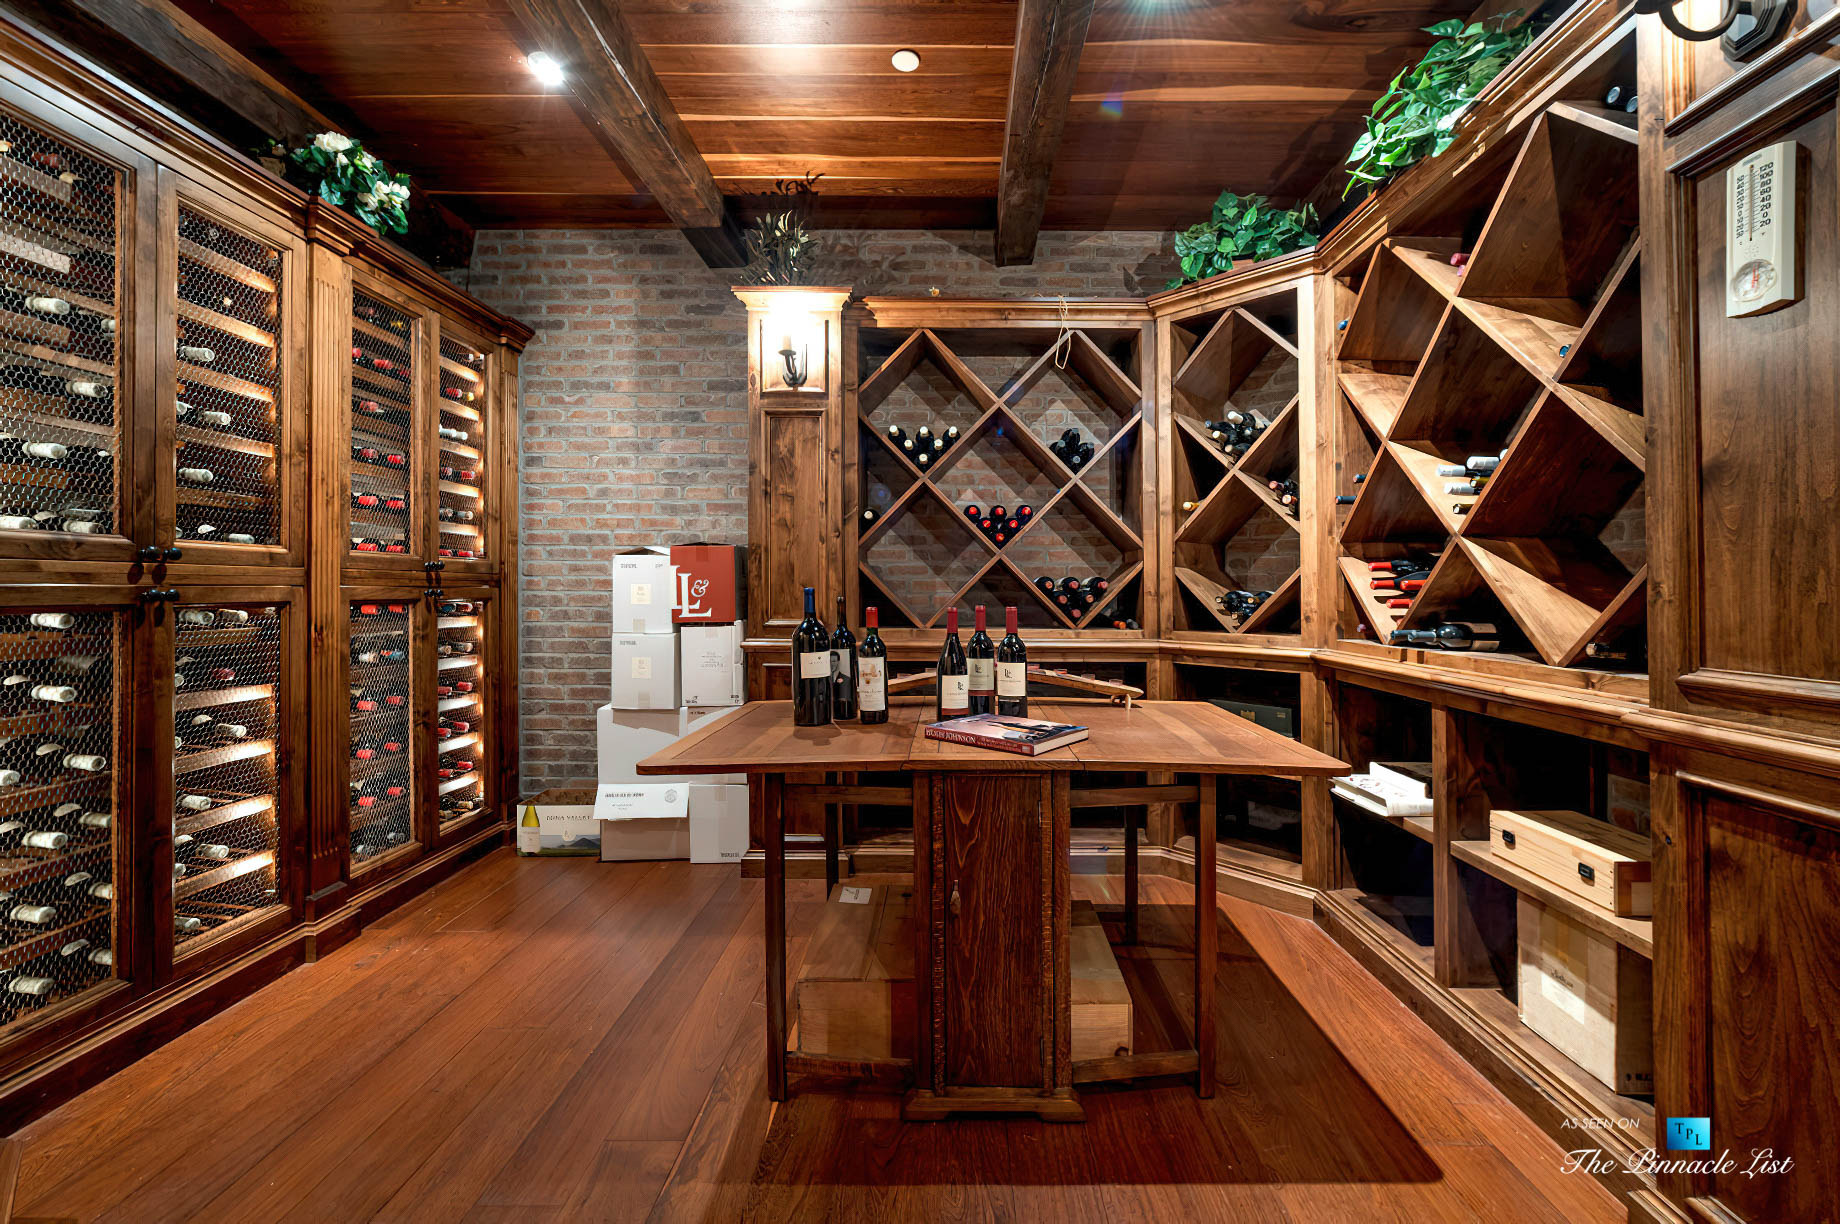 Spectacular 251 Acre Twin Oak Ranch - 2667 Via De Los Ranchos, Los Olivos, CA, USA - Italian Villa Residence Wine Room